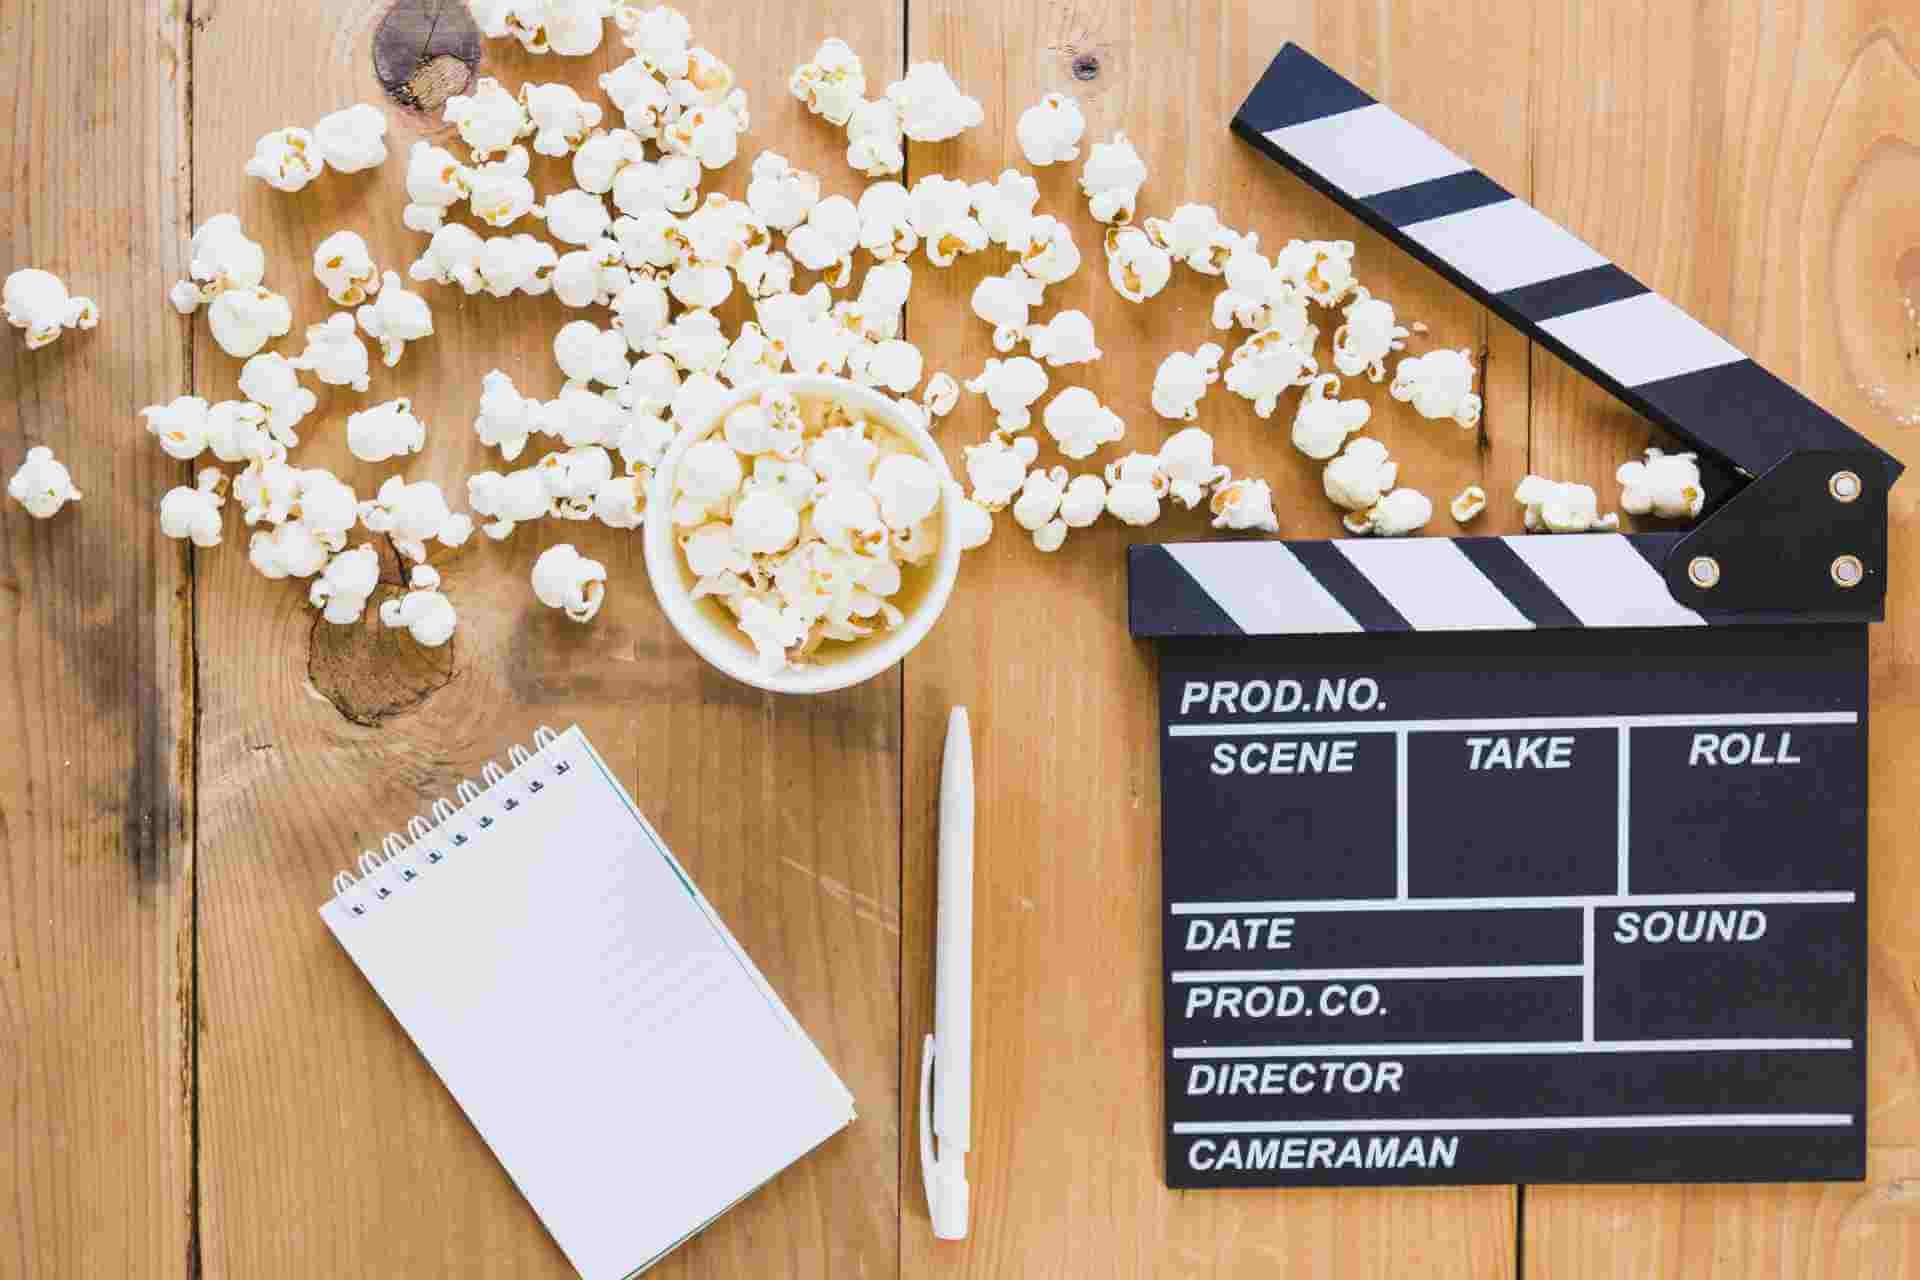 כל קמפיין וידאו מוצלח מתחיל מסרטון פרסום ממנצח וכל סרטון מתחיל מכתיבת תסריט לסרטון.